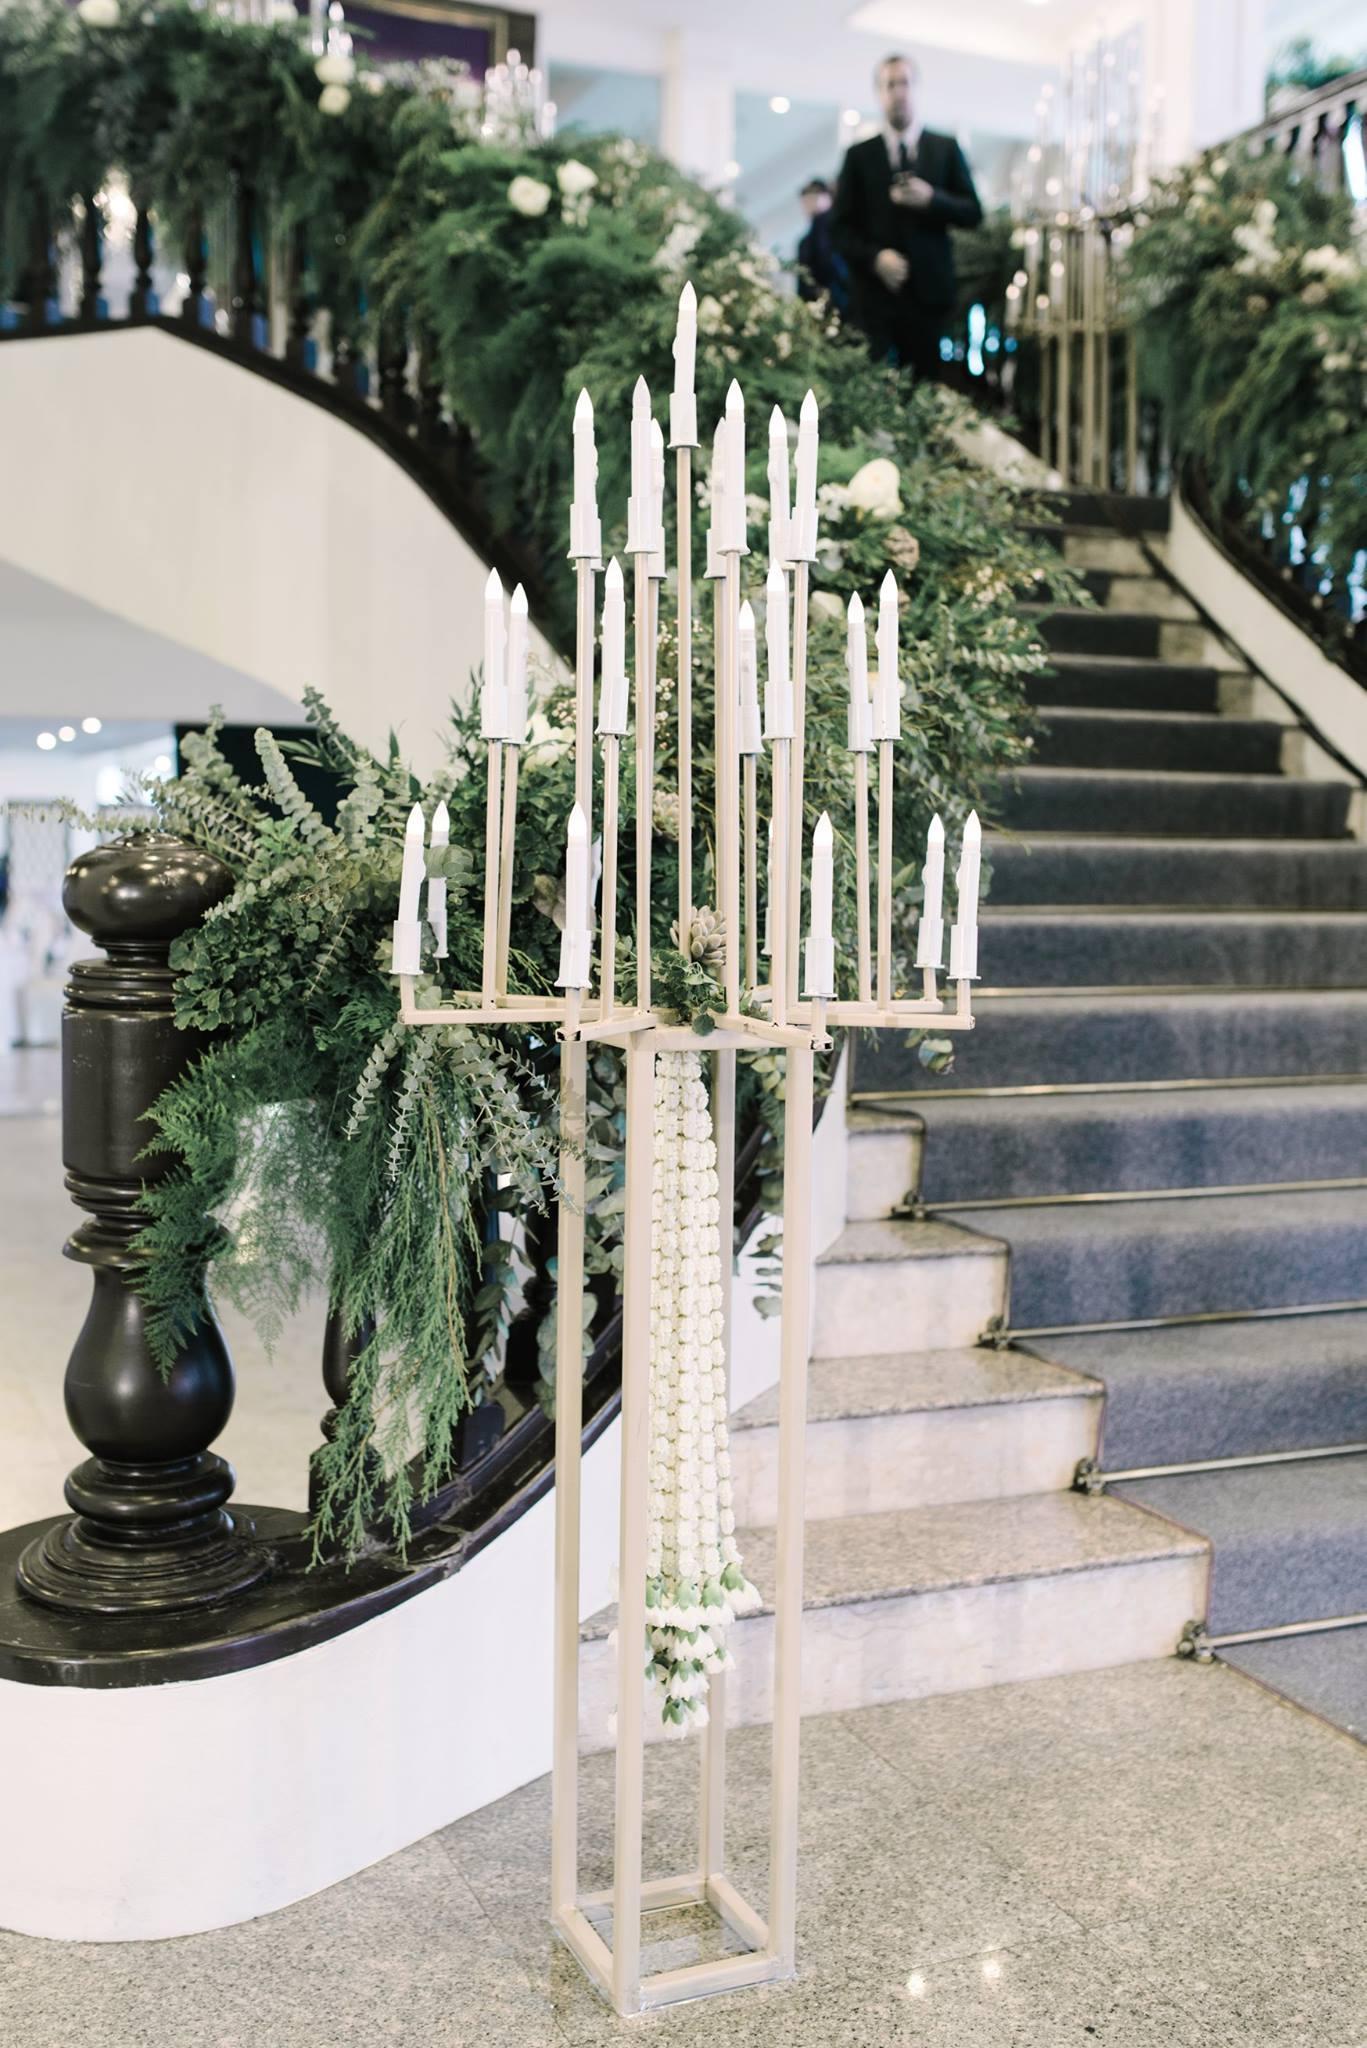 Simplified bush-like offering trays